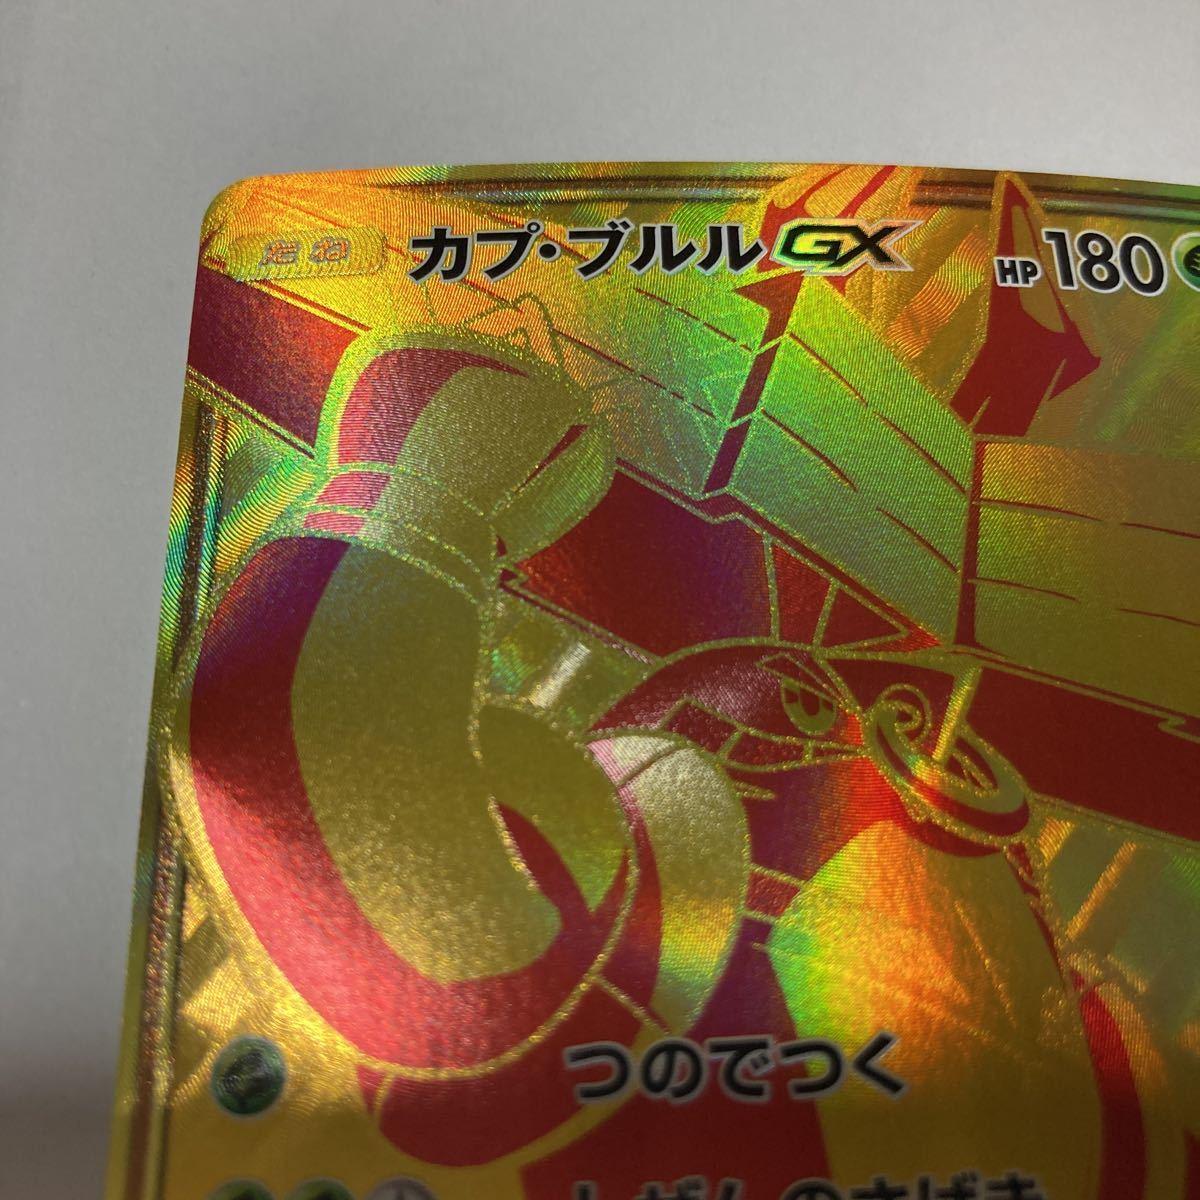 カプ・ブルルGX UR ウルトラレア GXウルトラシャイニー ポケモンカード ポケカ sm8b 244/150 つのでつく しぜんのさばき カプワイルドGX_画像2